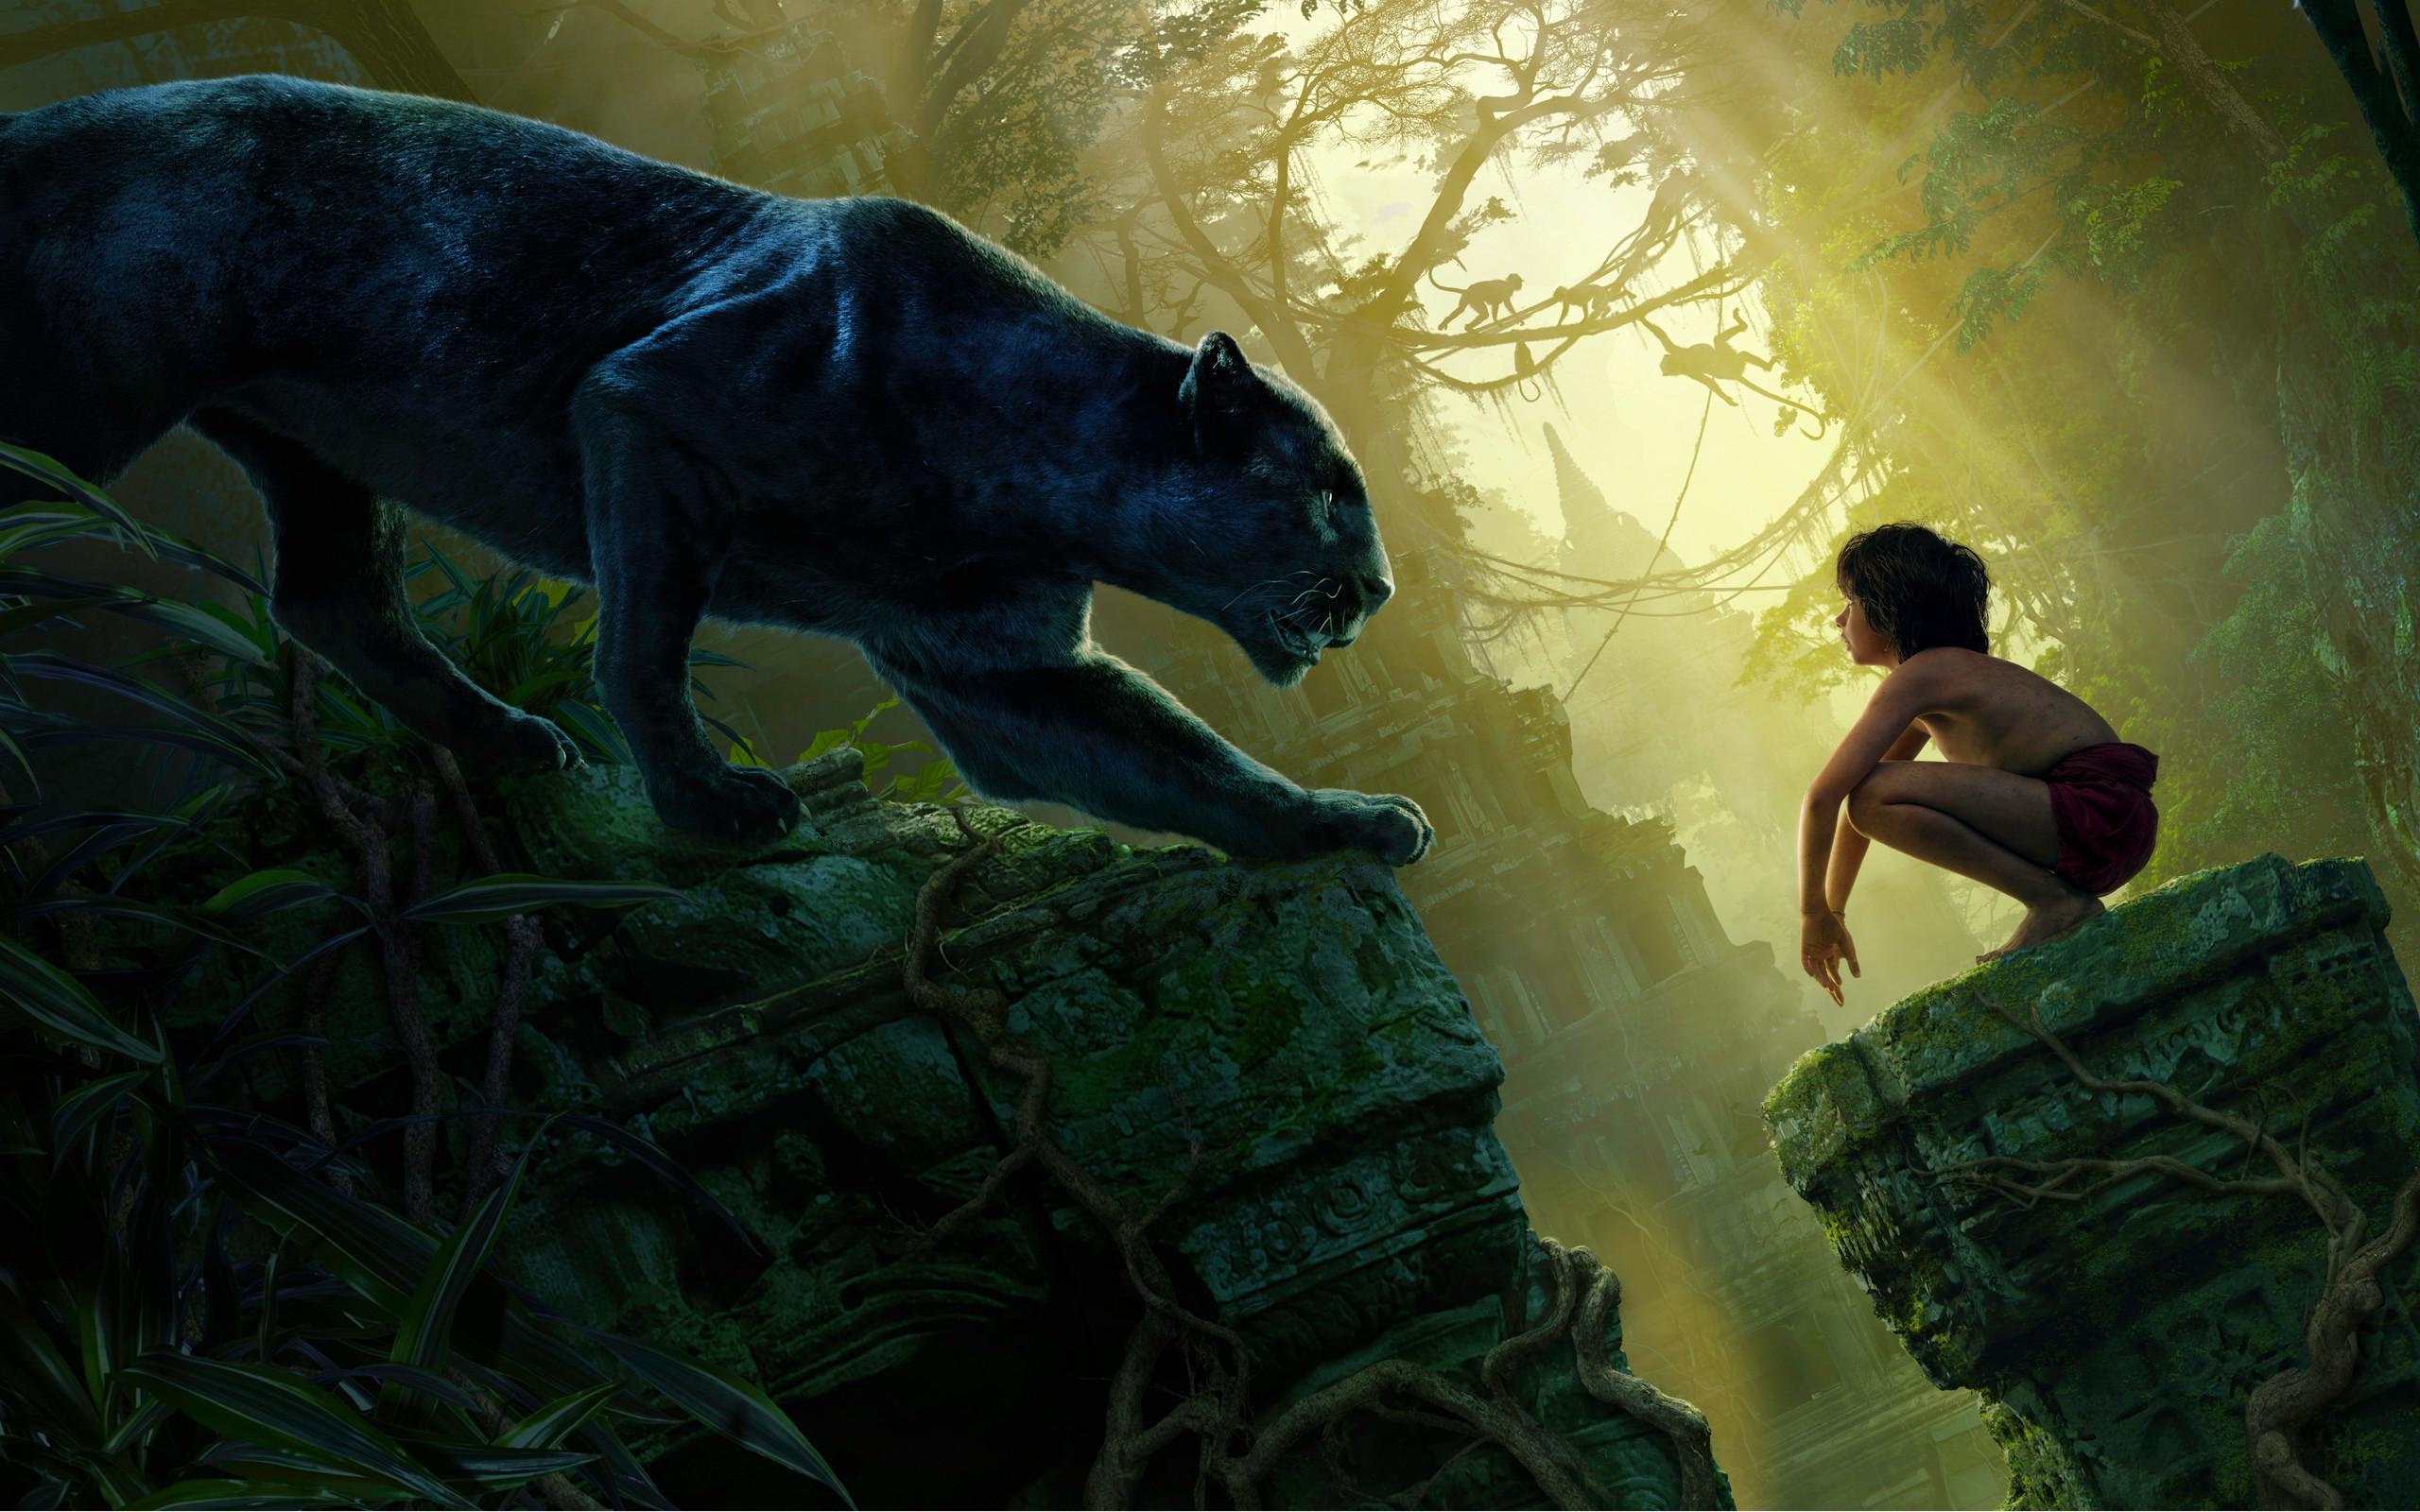 Mowgli Bagheera Black Panther The Jungle Book